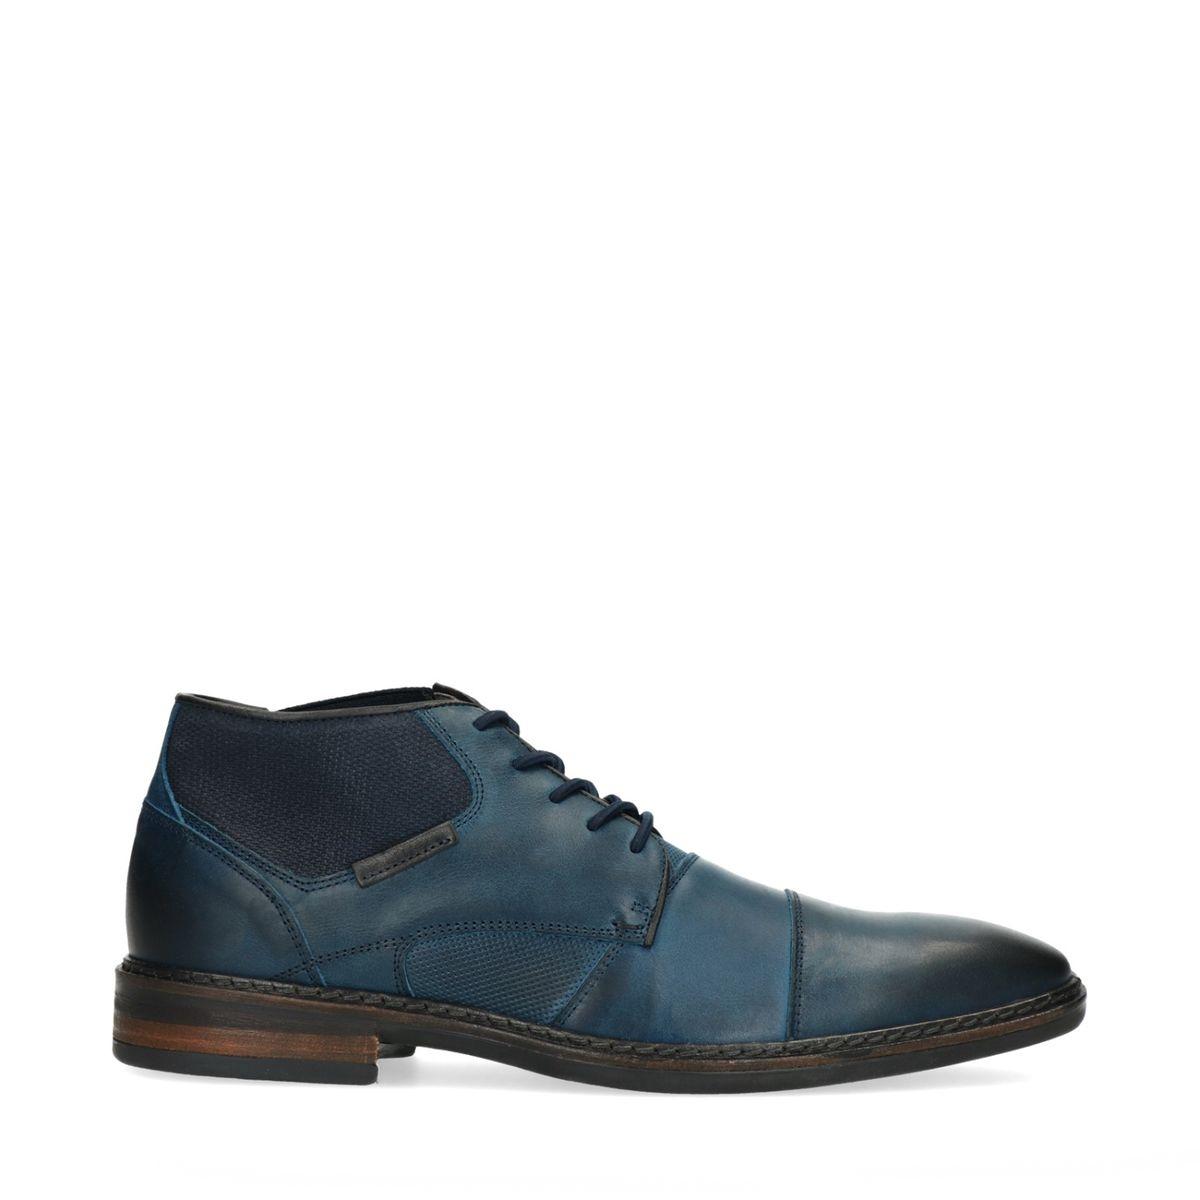 Chaussures à lacets en cuir avec élastique